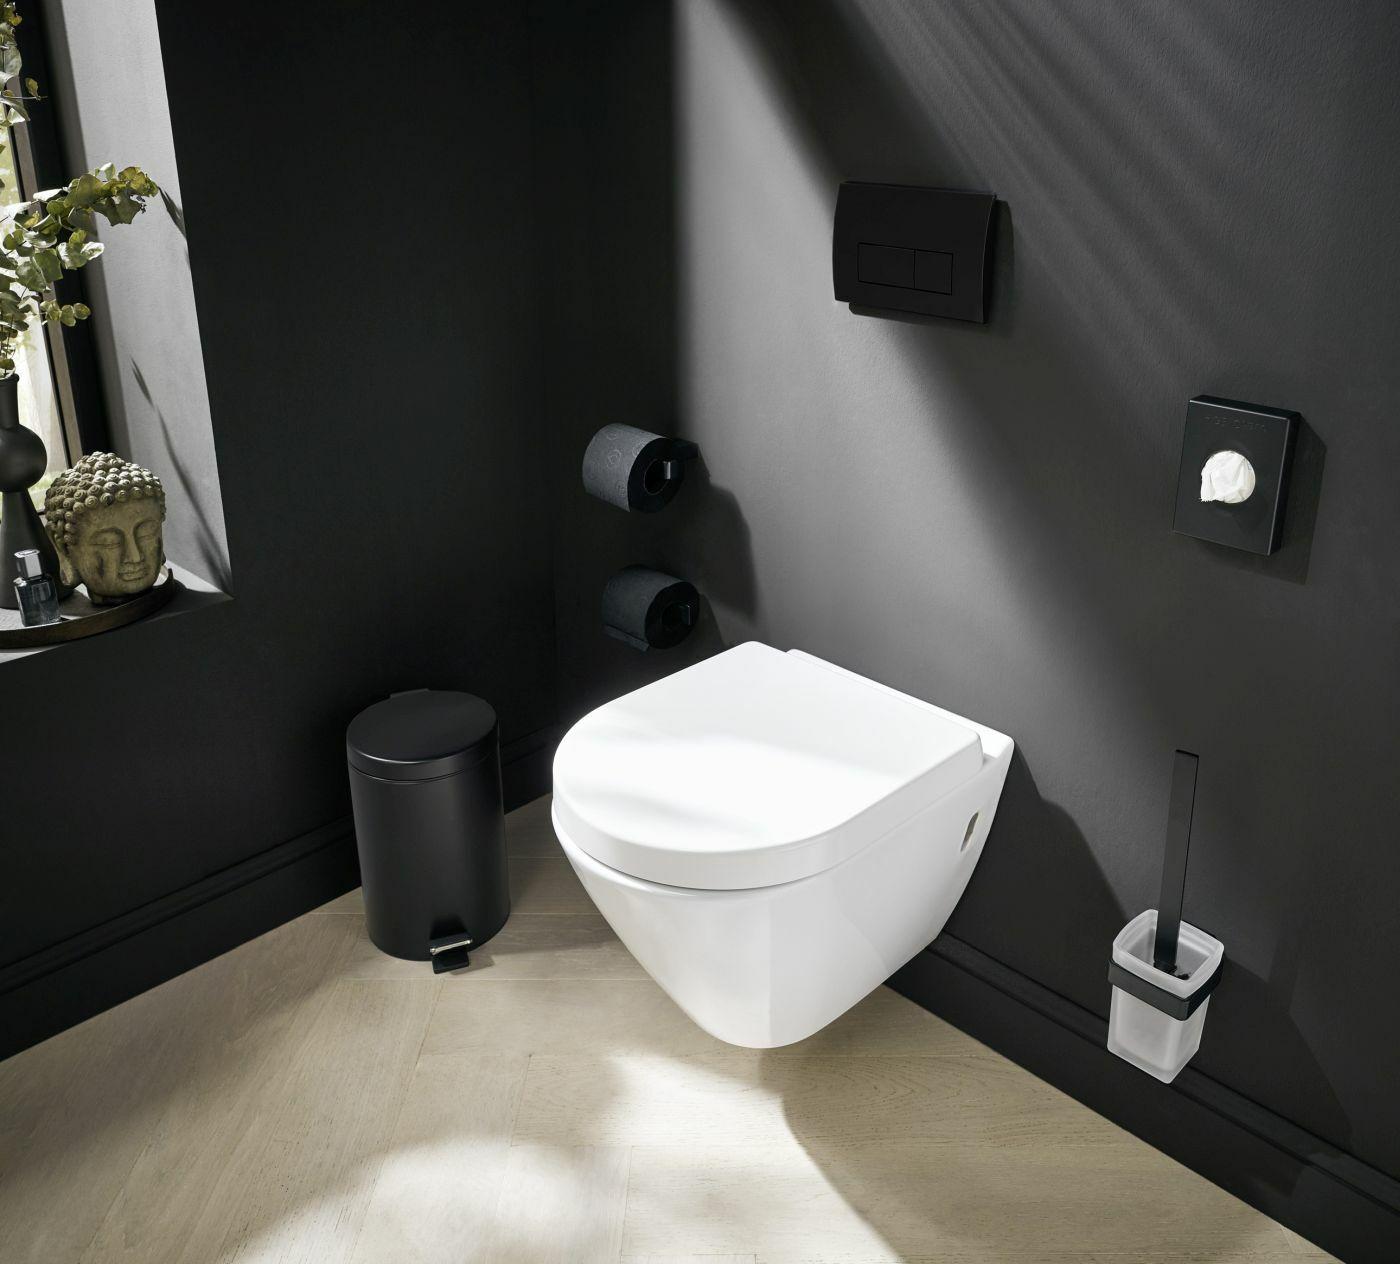 Matt fekete wc-papír tartó, wc-kefe tartó